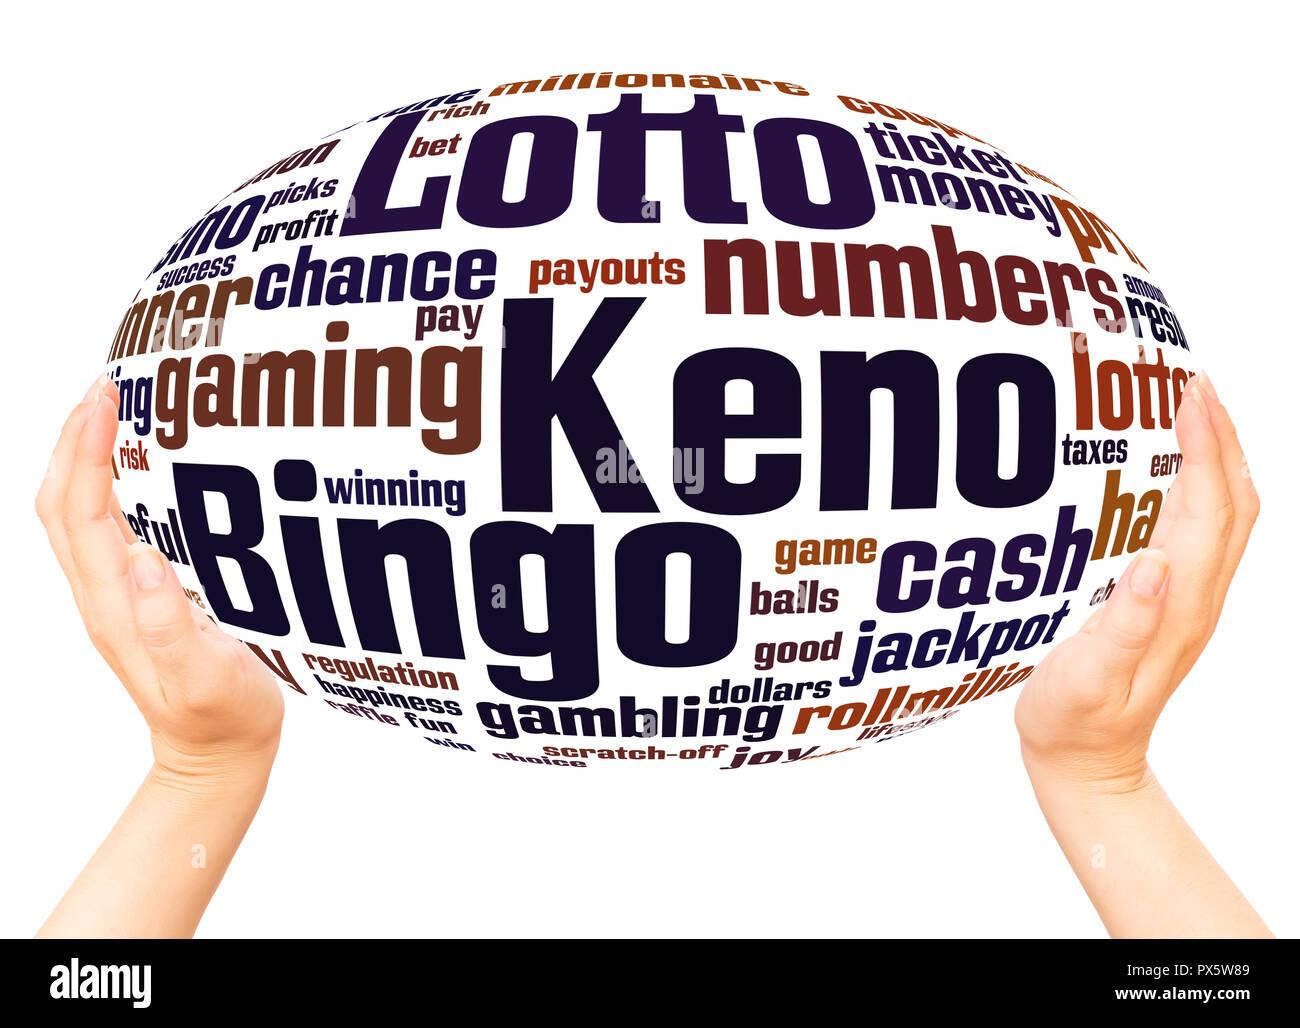 casinos mit vier hundertprozentiger oder 500 auszahlung